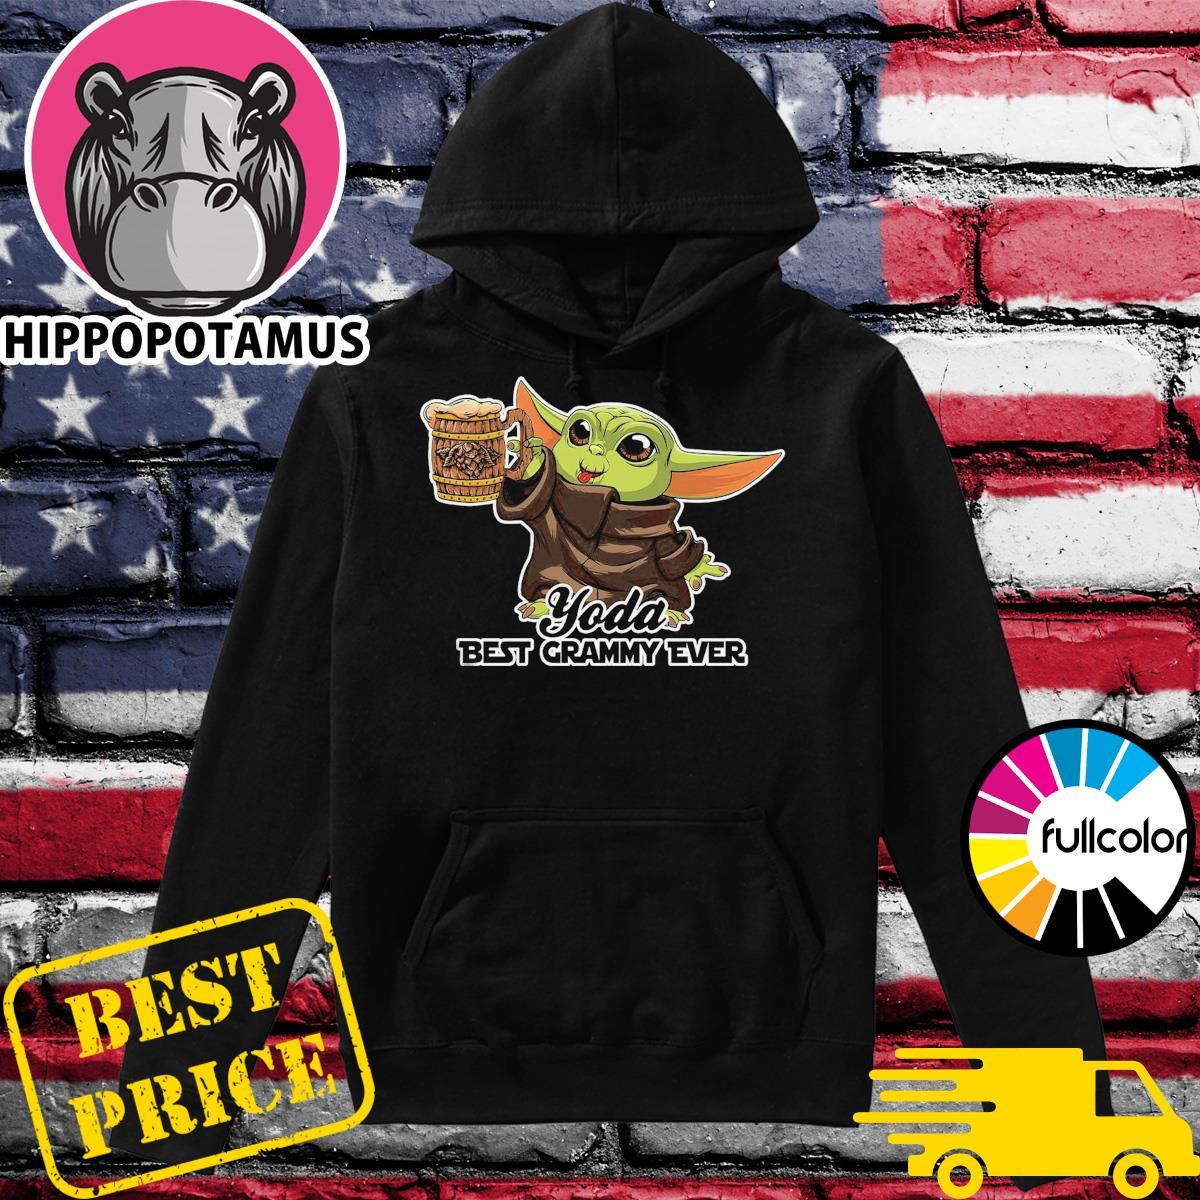 Star Wars Baby Yoda Best Grammy Ever Shirt Hoodie